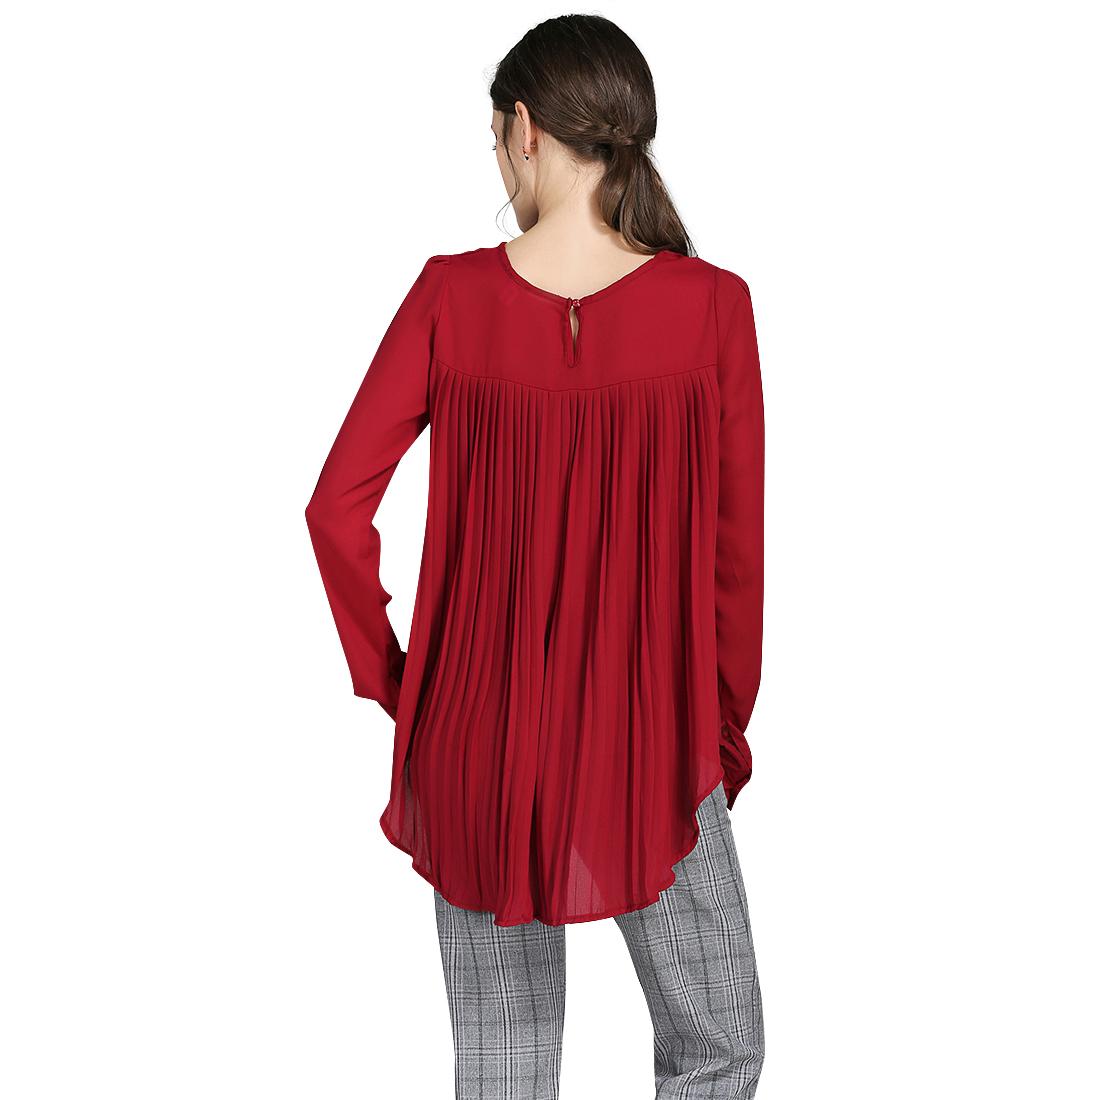 204#速卖通EBAY爆款欧美新款雪纺衫压褶宽松衬衣外贸女装三色八码 -